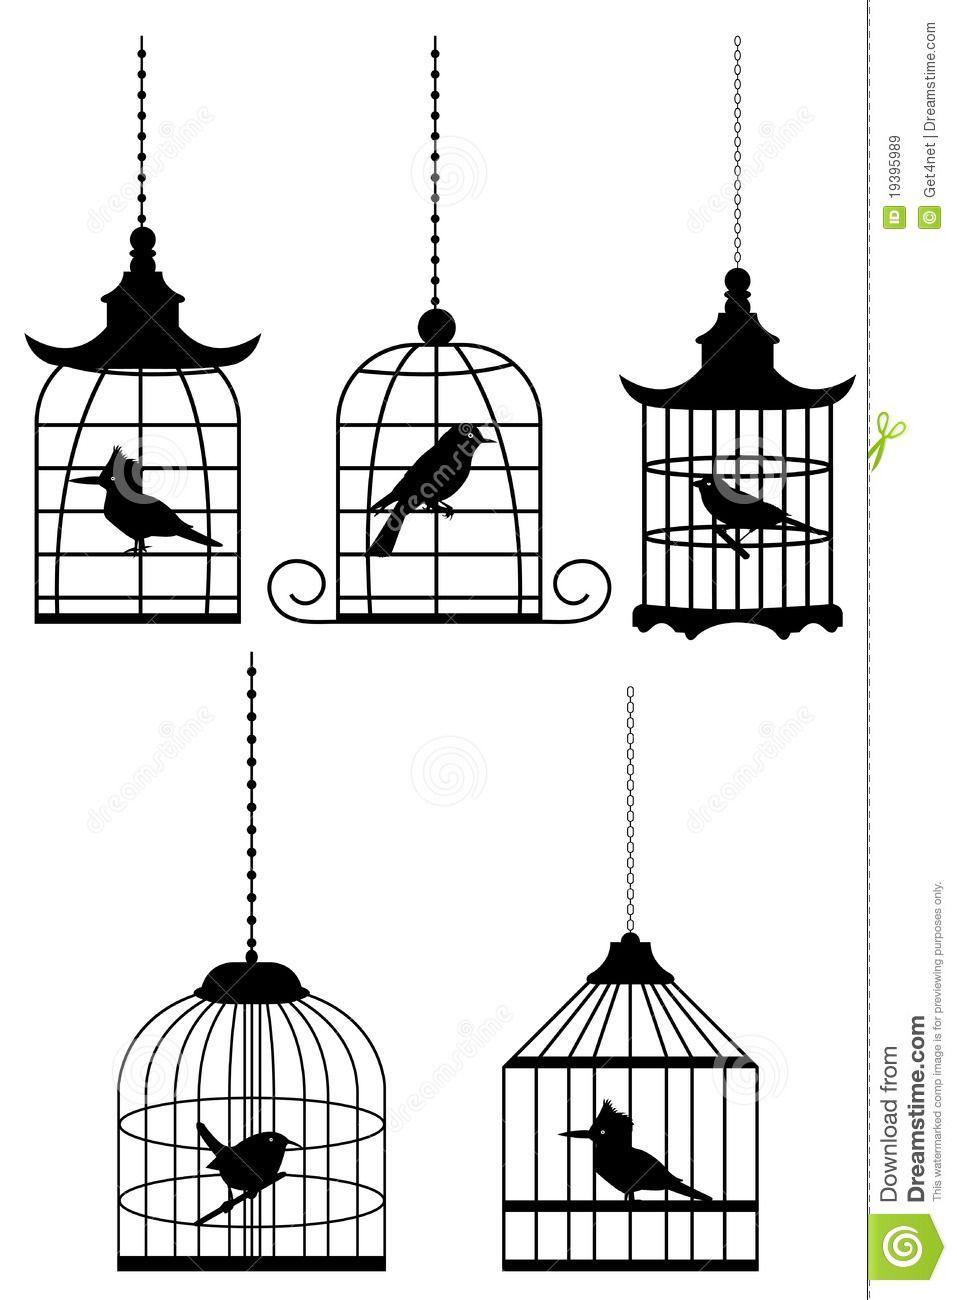 Cage À Oiseaux Coloriage - Recherche Google concernant Dessin De Cage D Oiseau